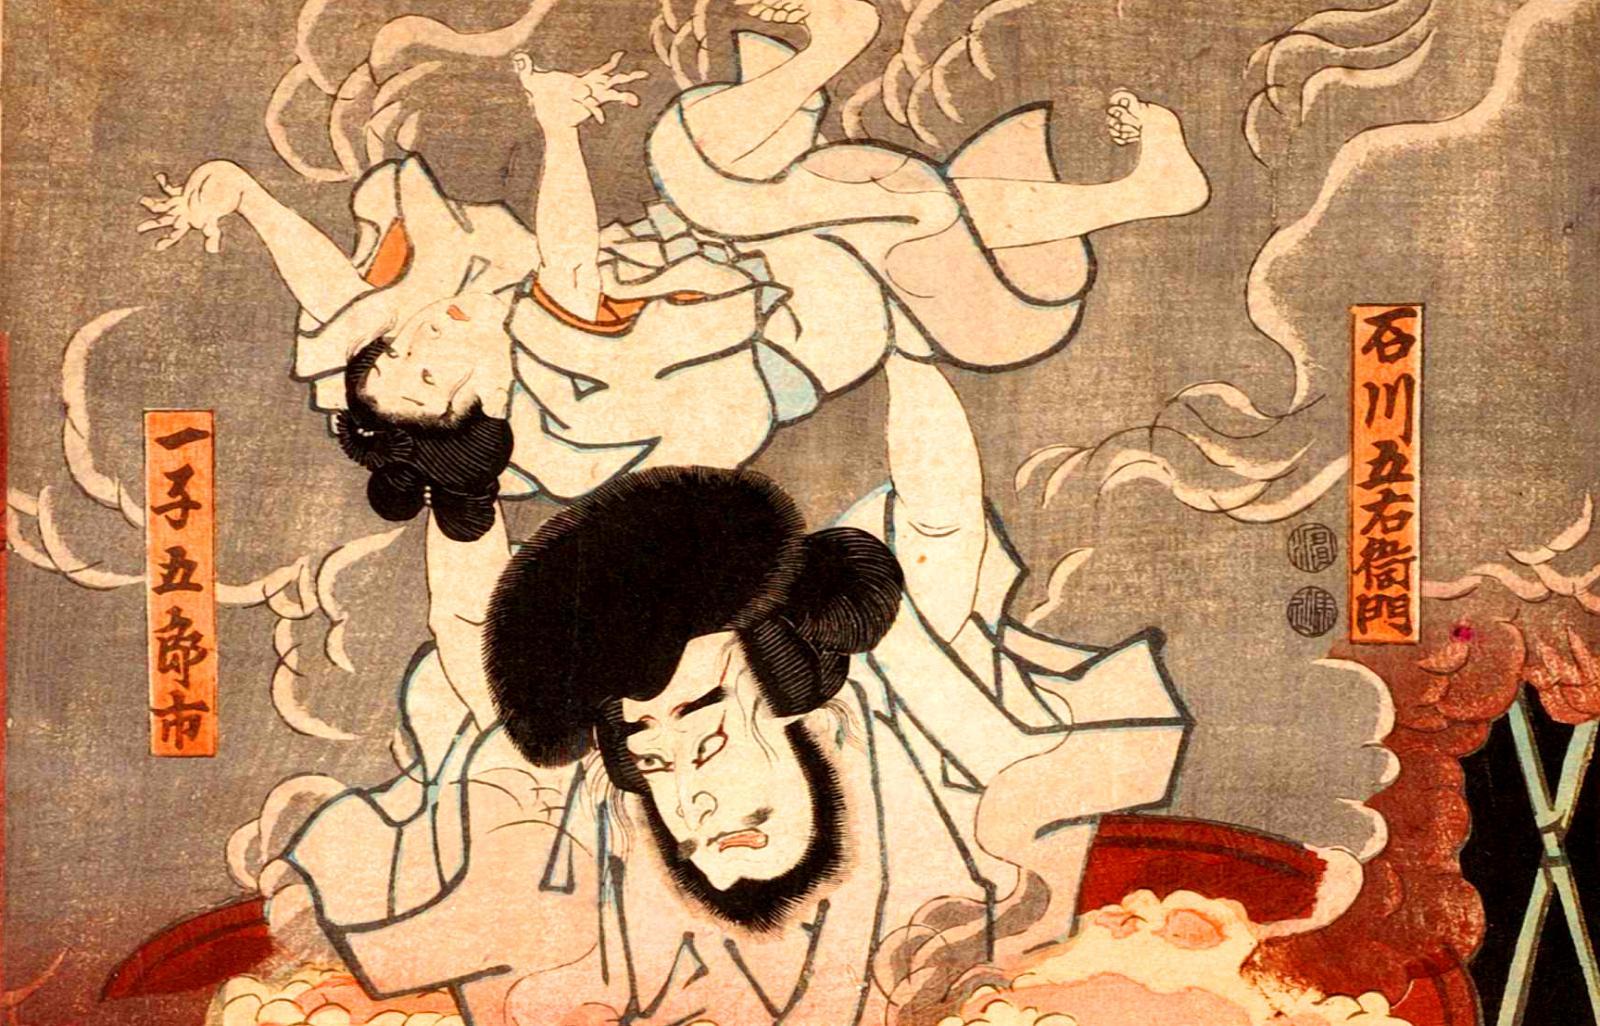 Казнь Исикавы Гоэмона, японская картина конца XIX века.